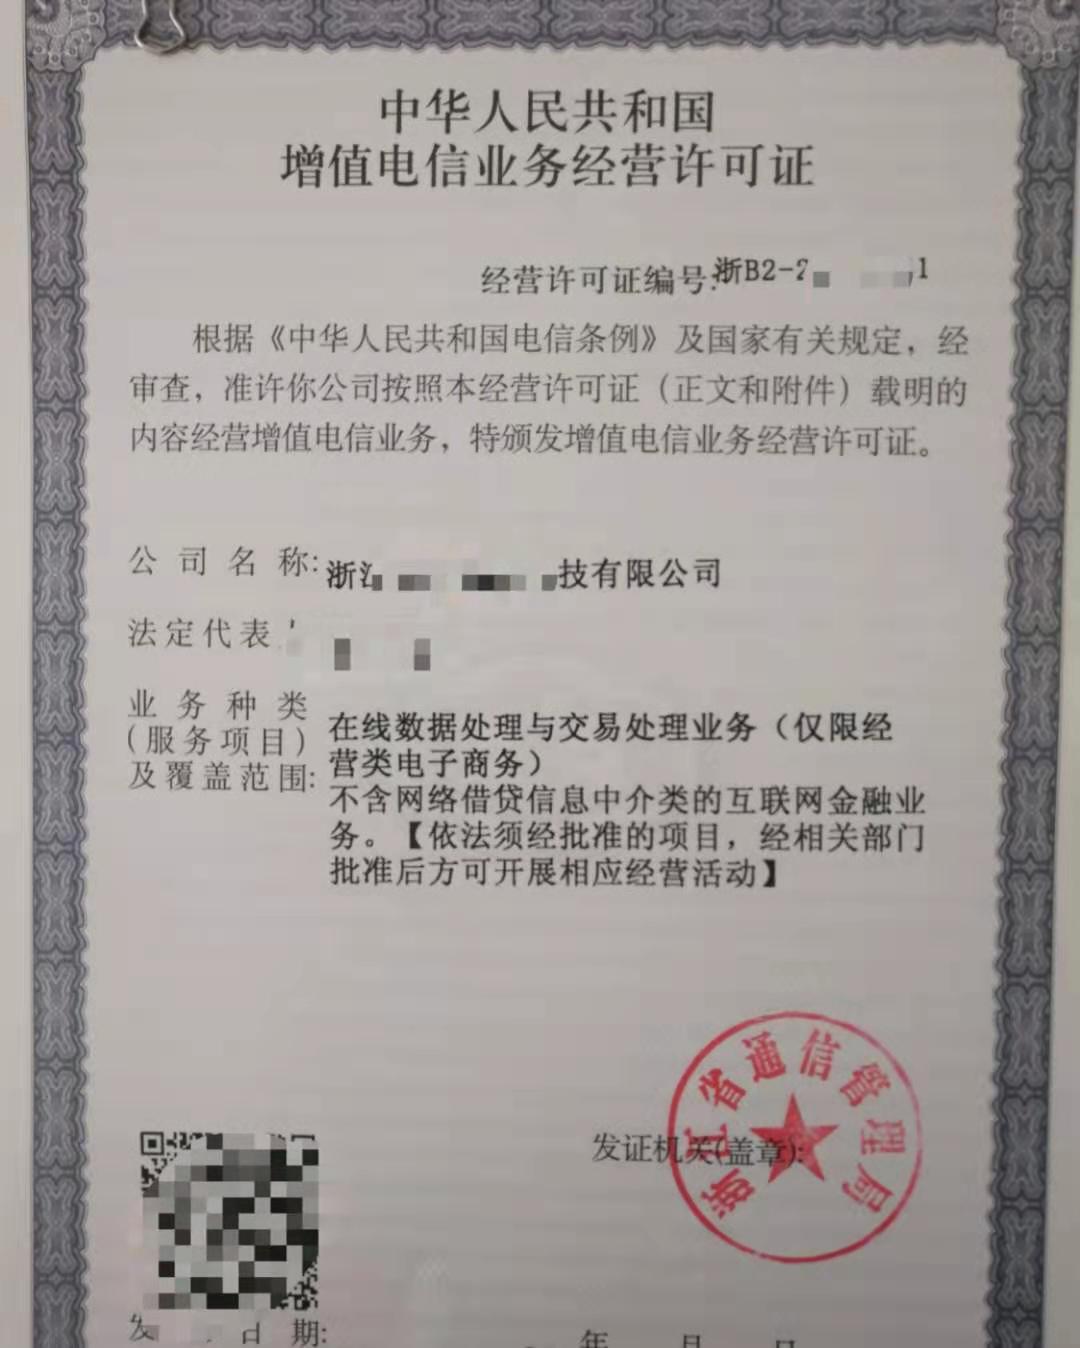 小程序上架增值电信业务许可证(EDI)银行支付通道